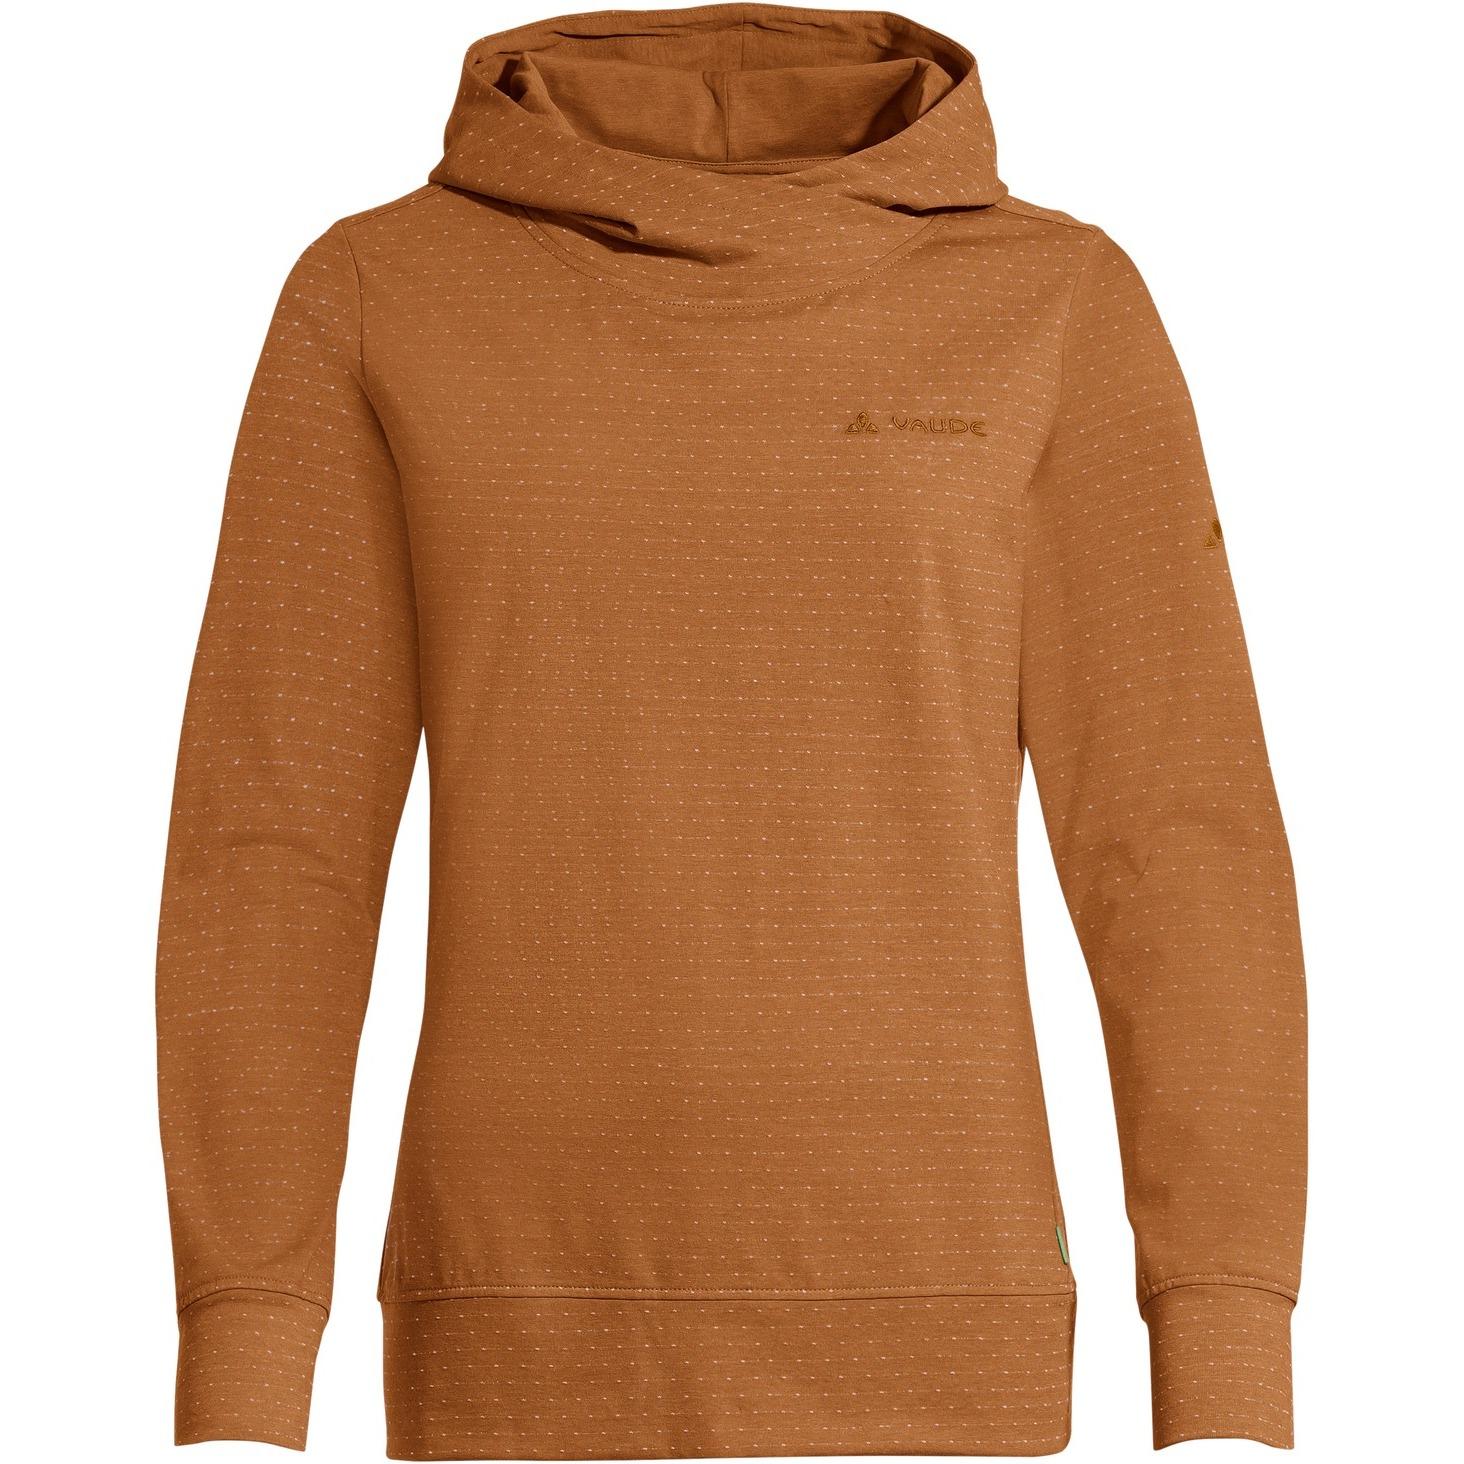 Vaude Women's Tuenno Pullover - silt brown